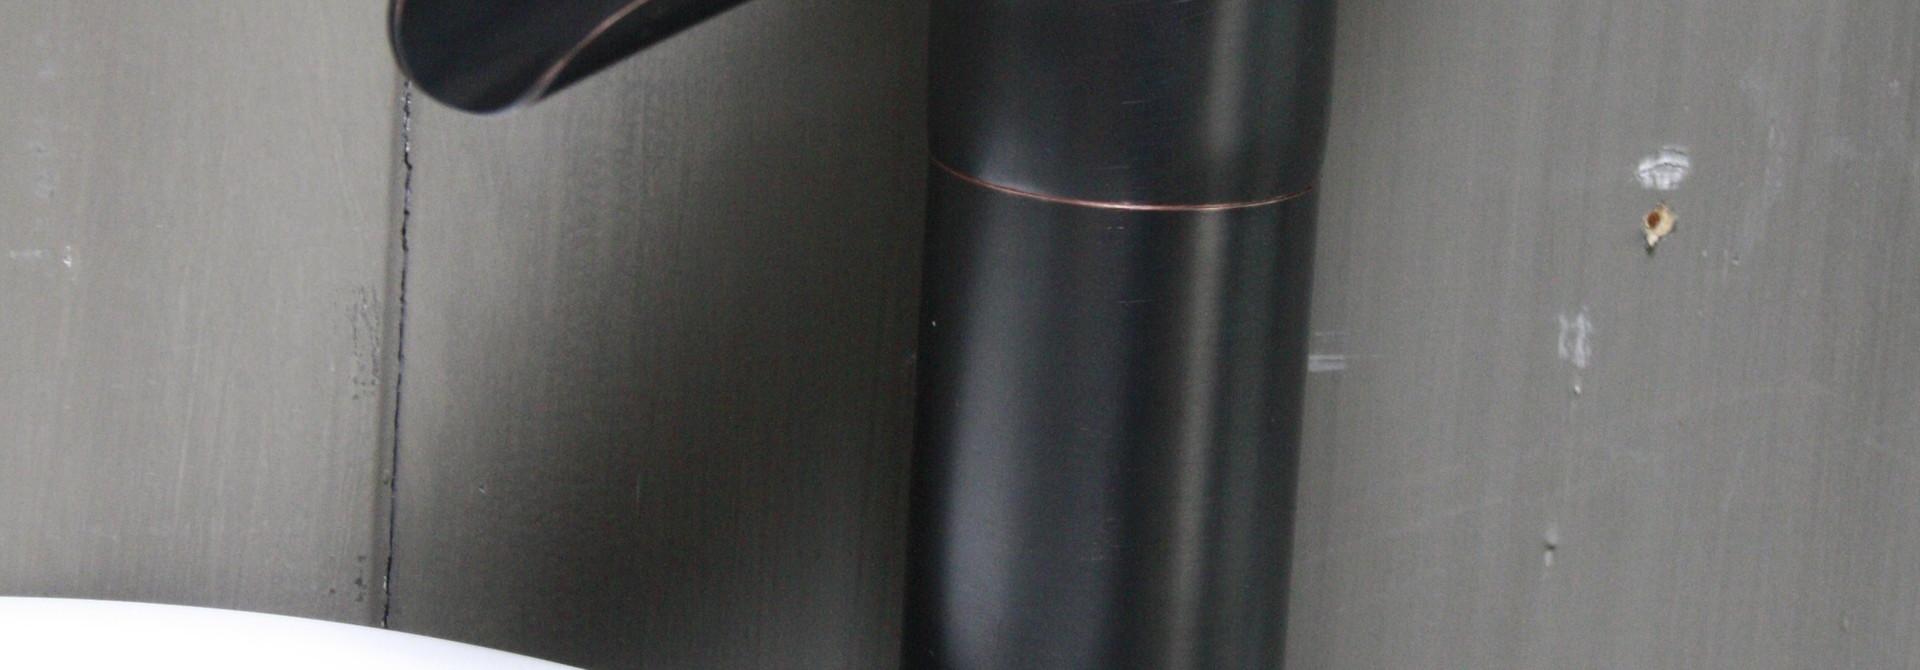 Watervalkraan Brons Toilet 32,5 cm